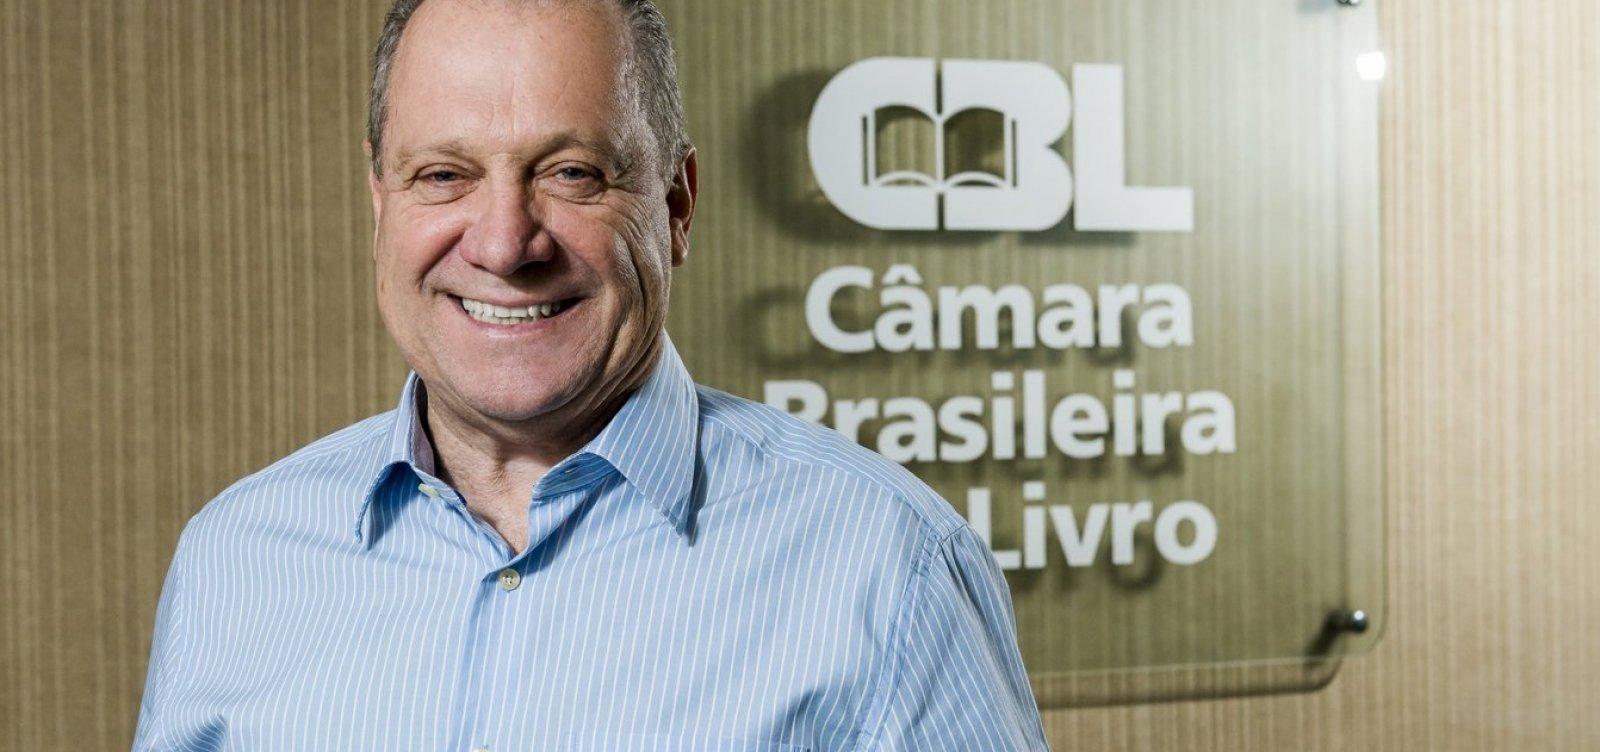 Falta de leitura favorece notícias falsas, segundo presidente da CBL